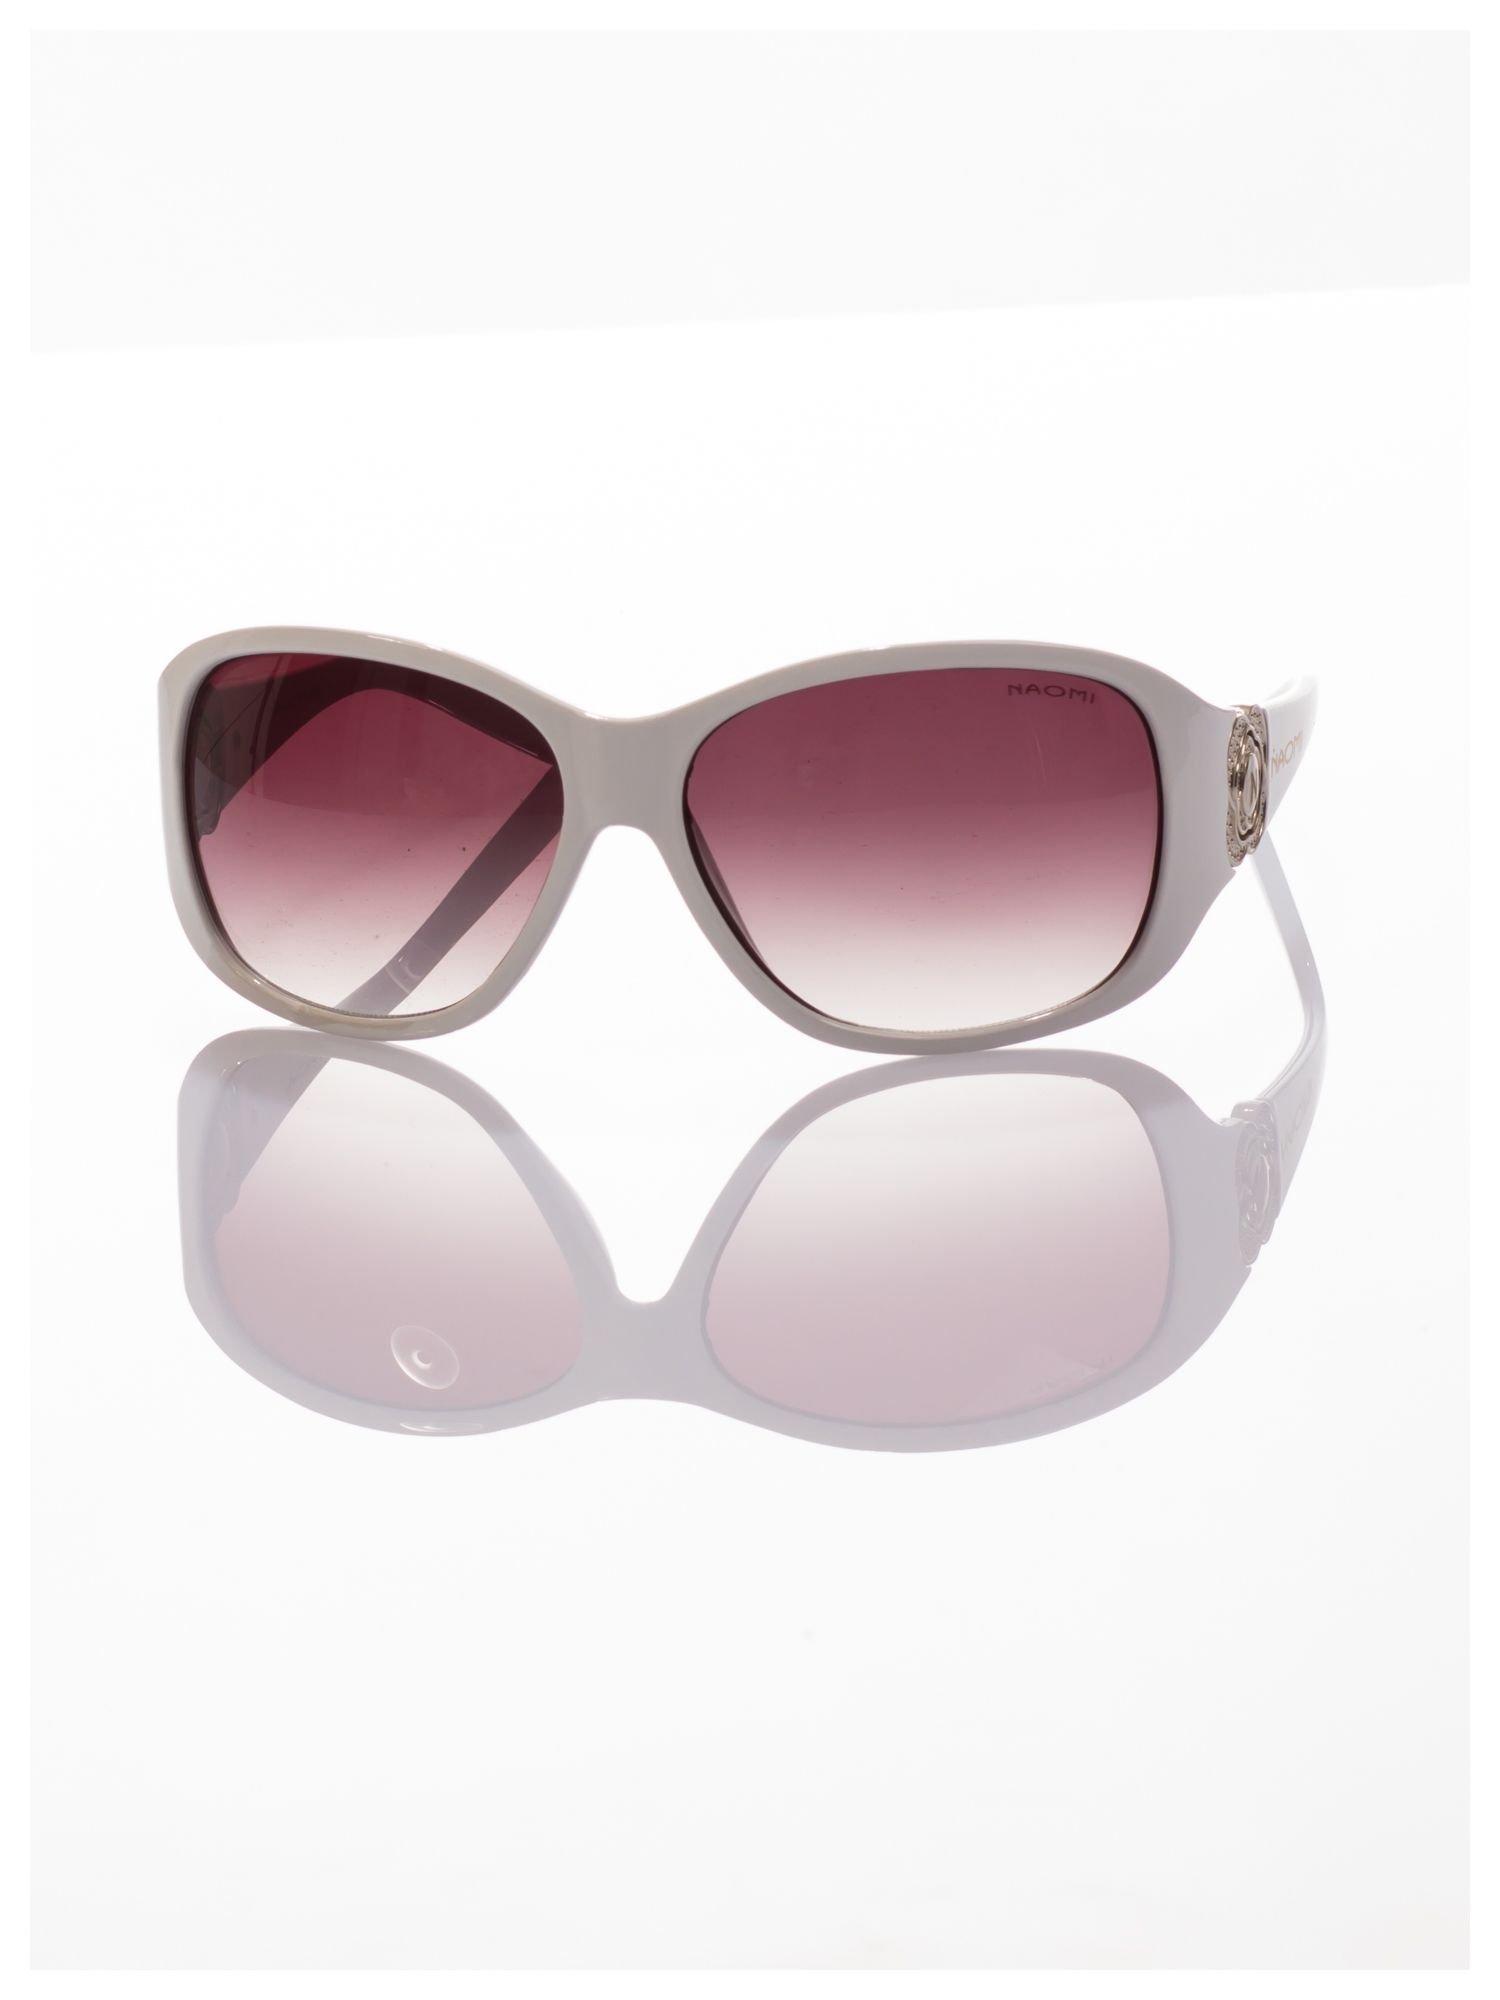 Białe piękne okulary przeciwsłoneczne dla kobiet NAOMI -KLASYKA                                   zdj.                                  3